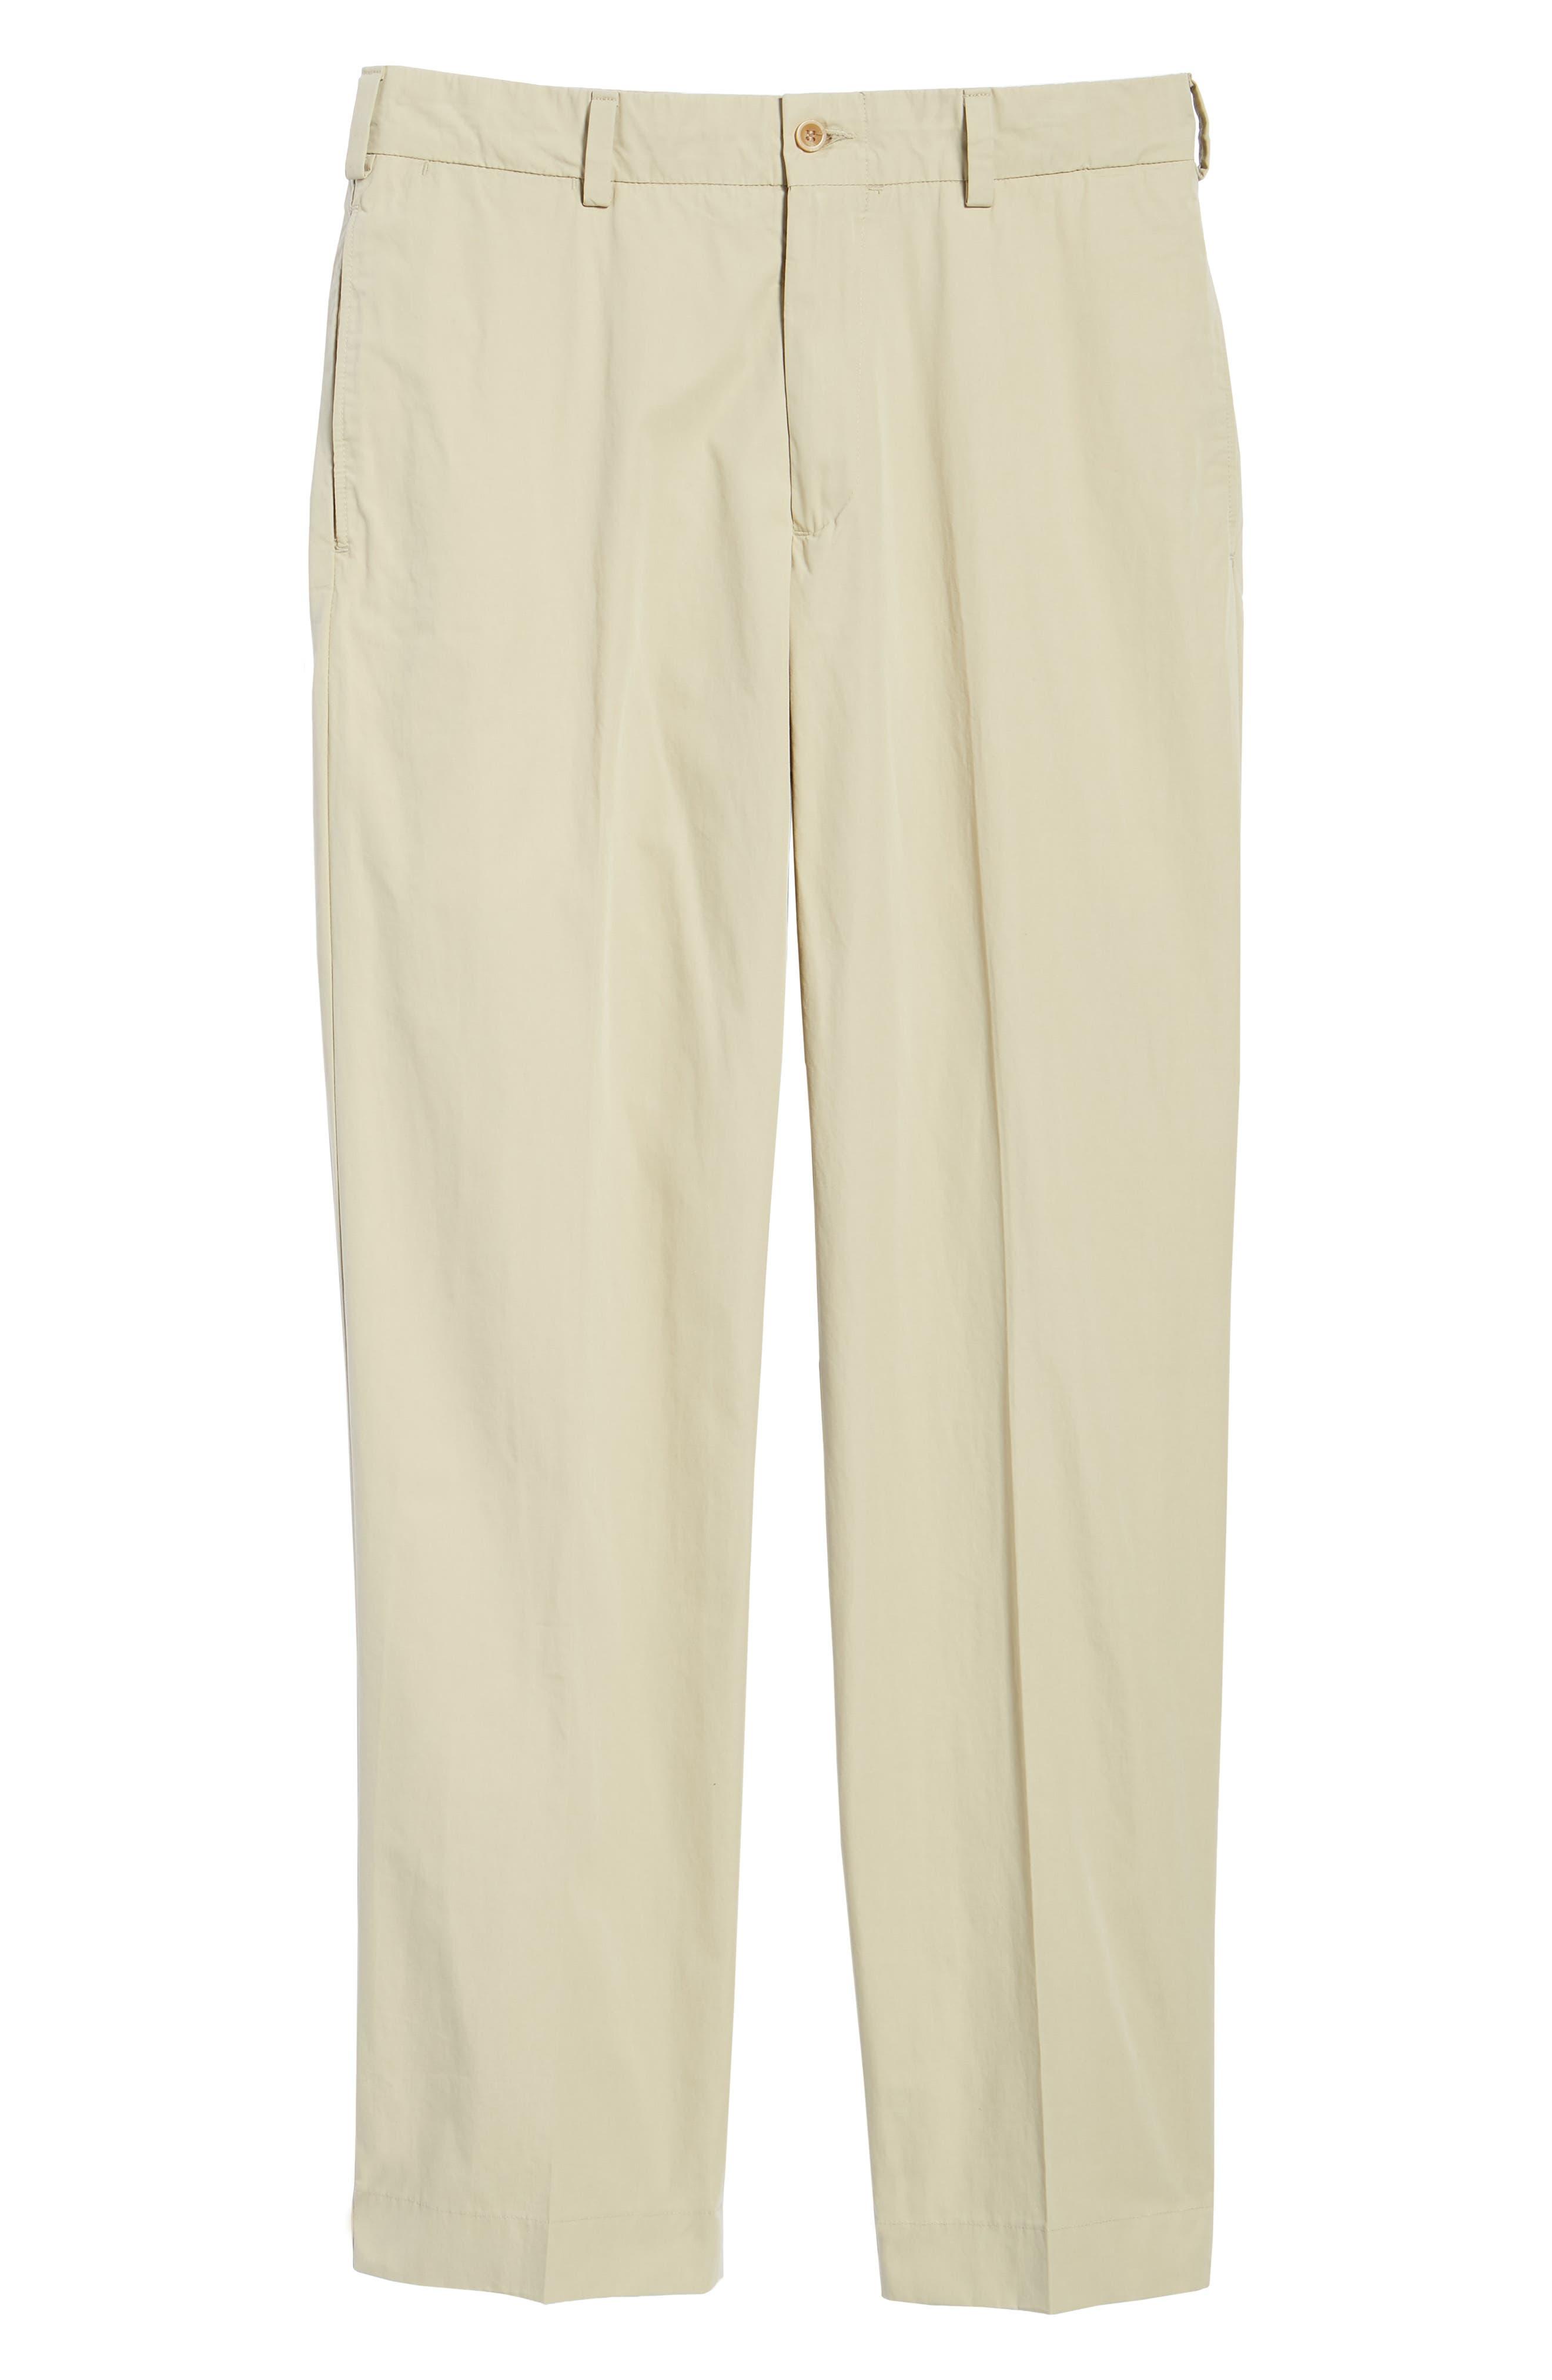 M2 Classic Fit Flat Front Tropical Cotton Poplin Pants,                             Alternate thumbnail 6, color,                             250